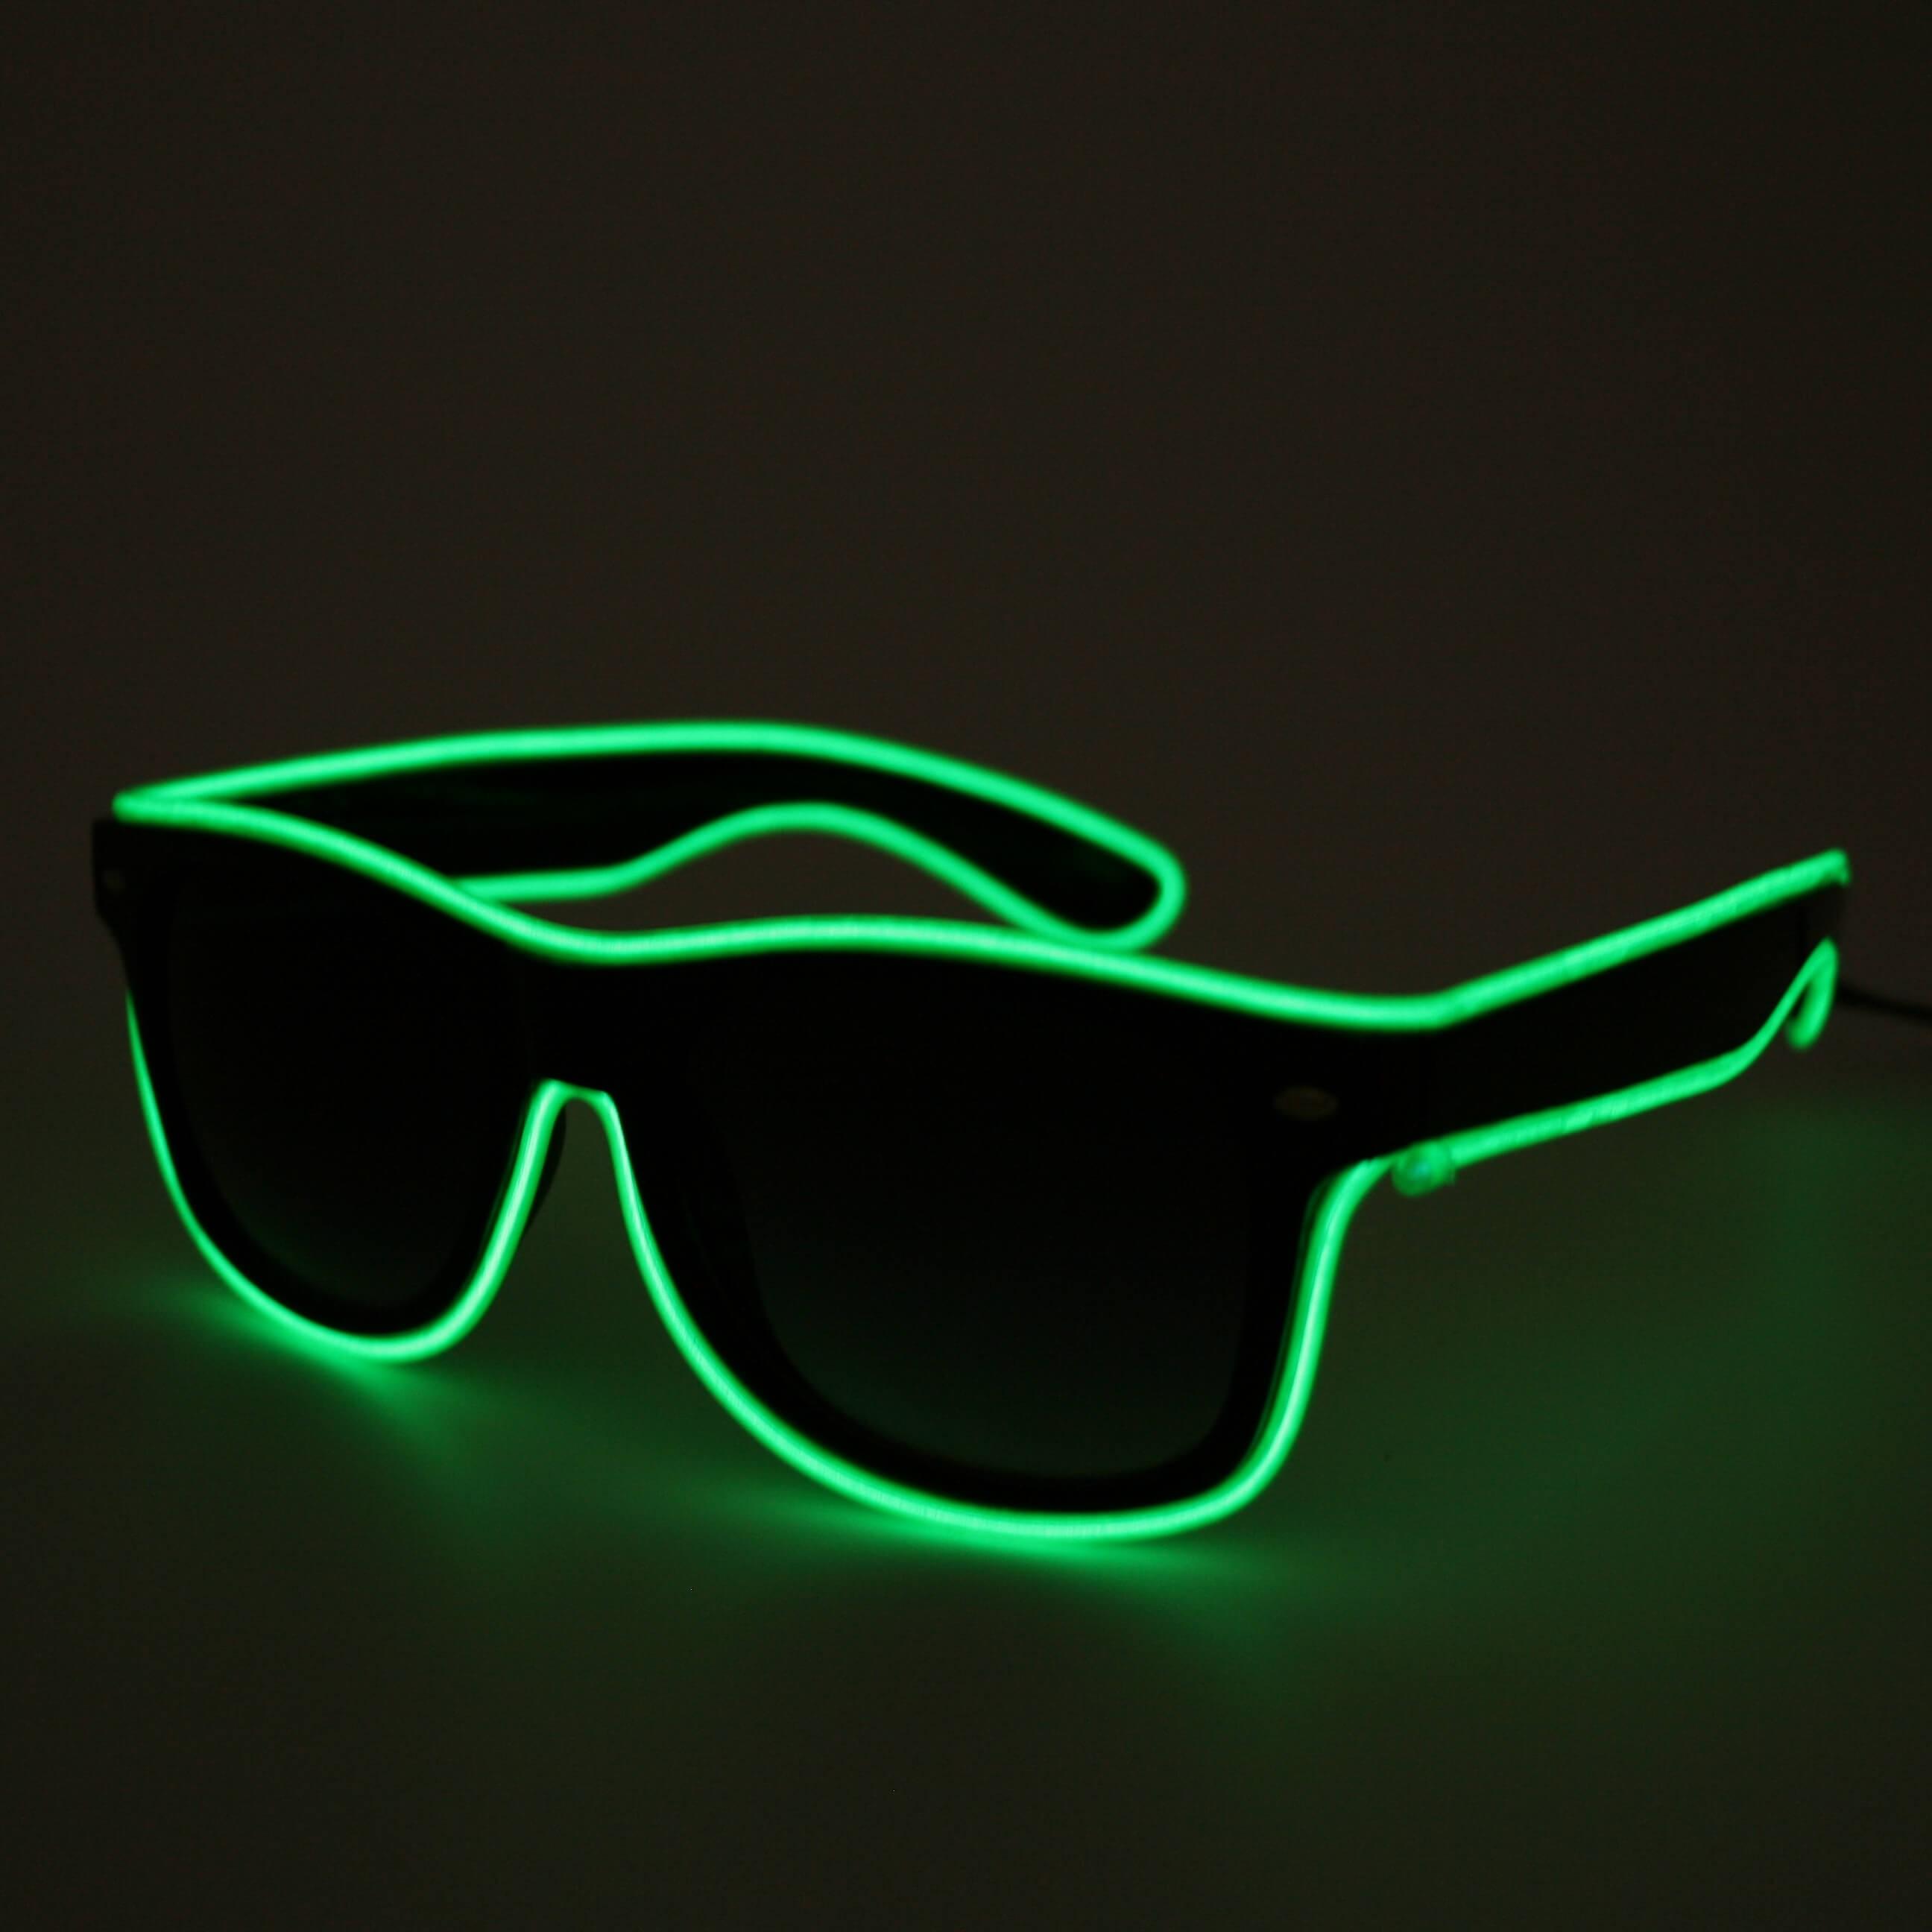 LED Neon Glasses Green